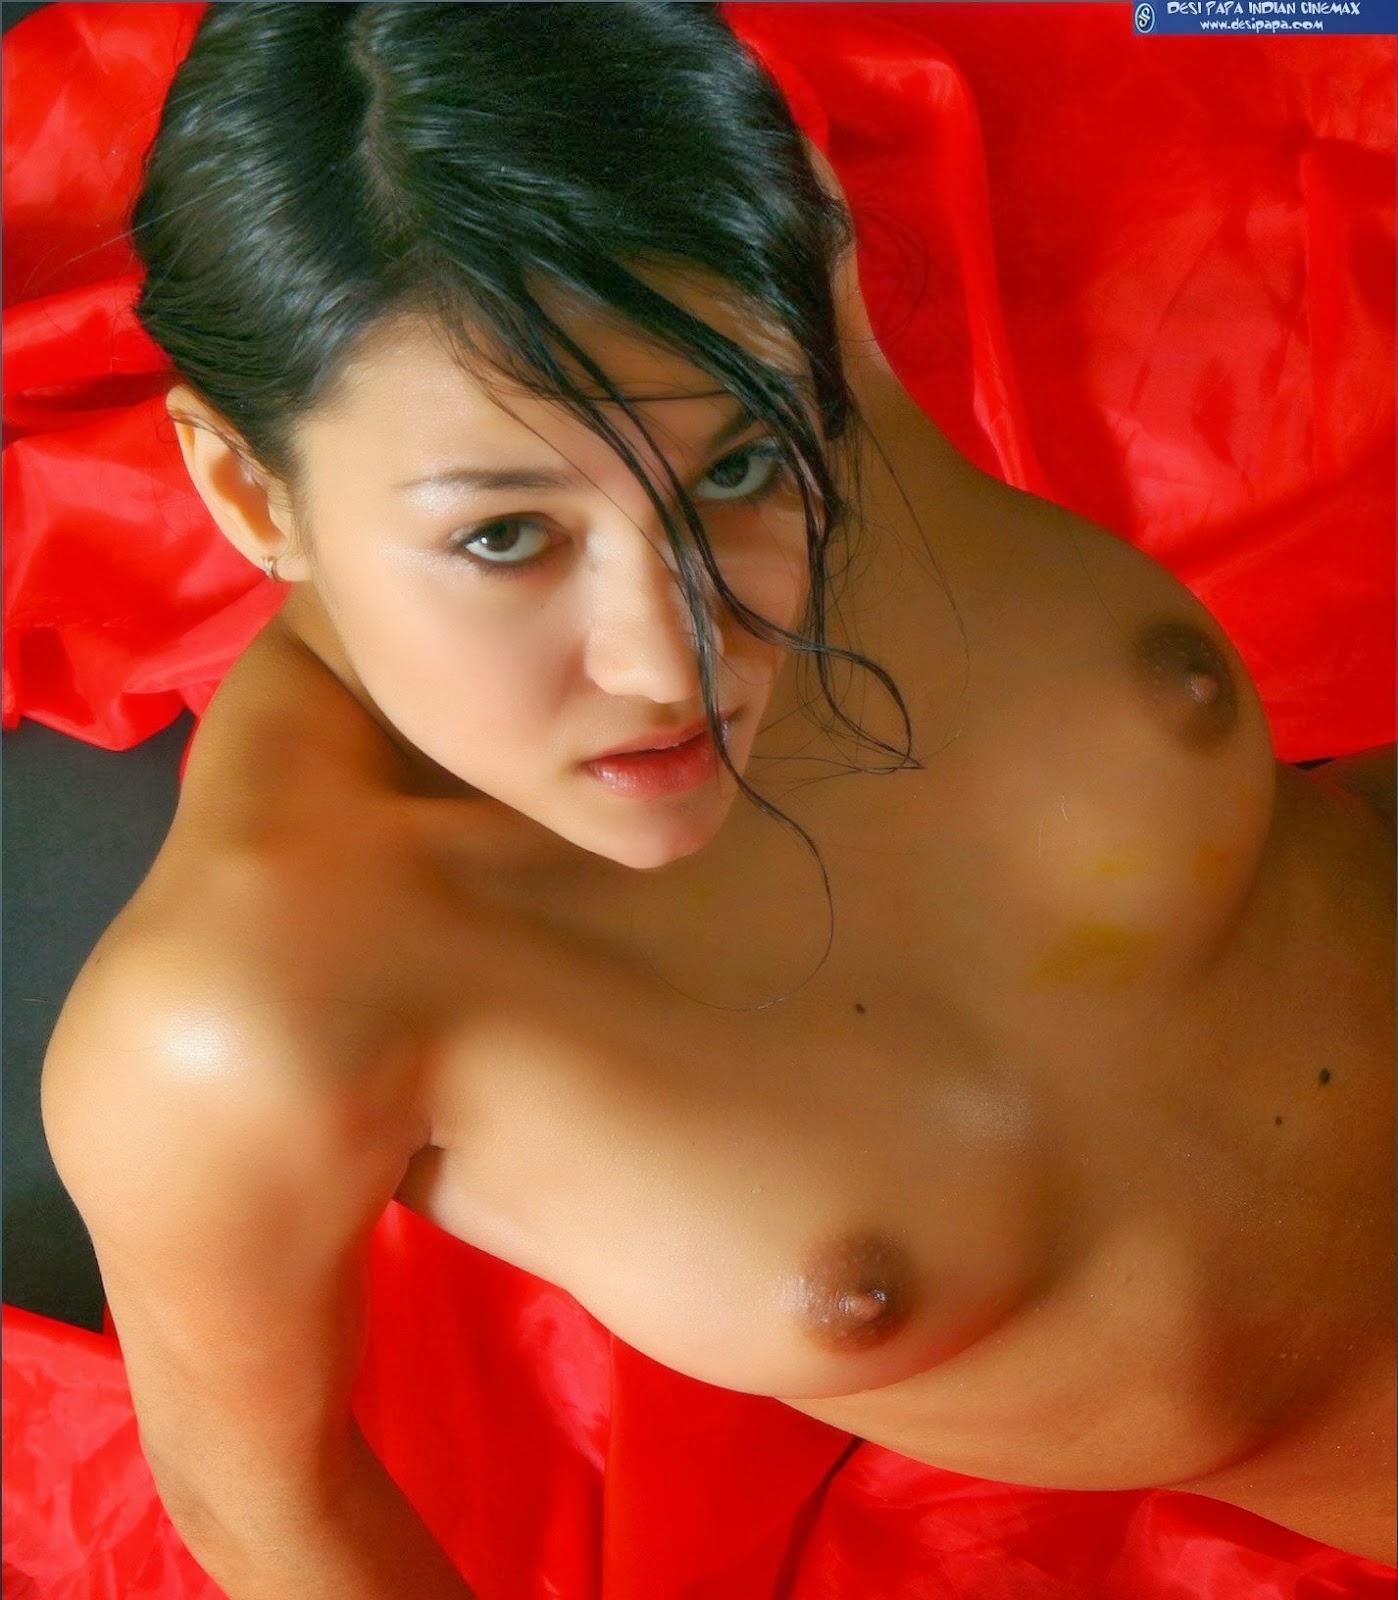 Indian Desi Nangi Nude Pics Photos Wallpapers -7210